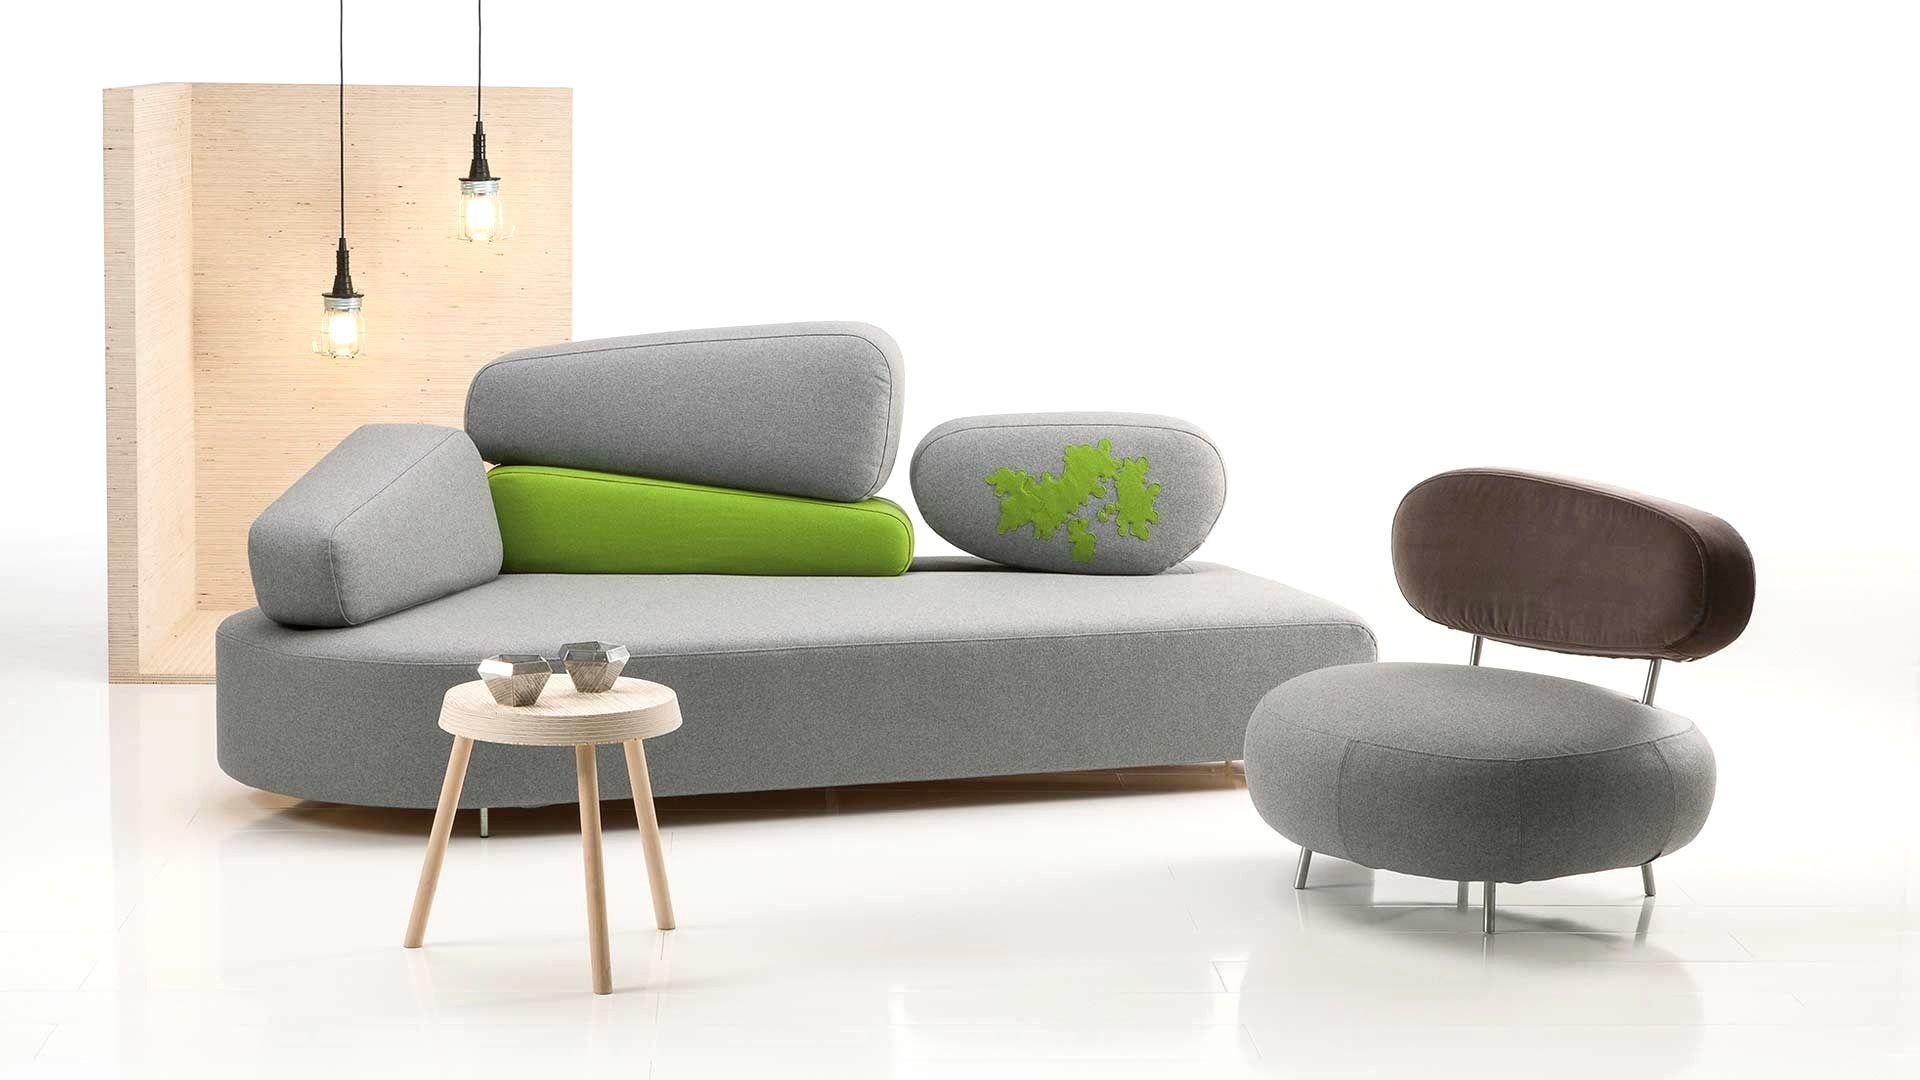 Wohnzimmer Ideen Kleine Sofa Attraktive Auf Wohnzimmer Ideen Zusammen Mit  17 Best Ideas About Brühl On